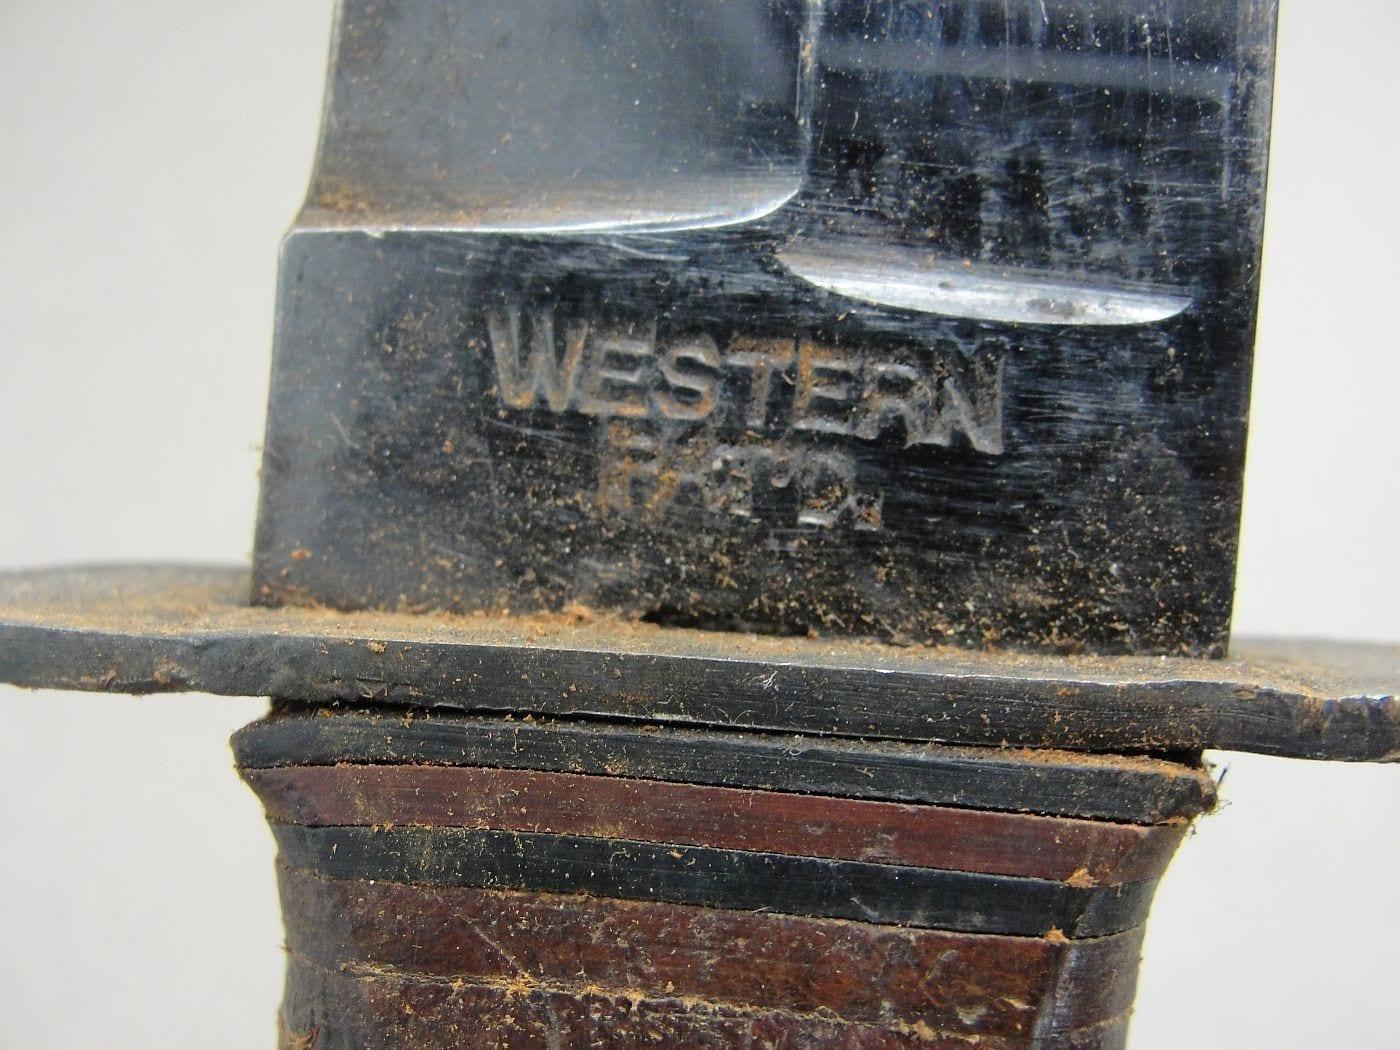 WW2 Western Fighting Knife G46-8